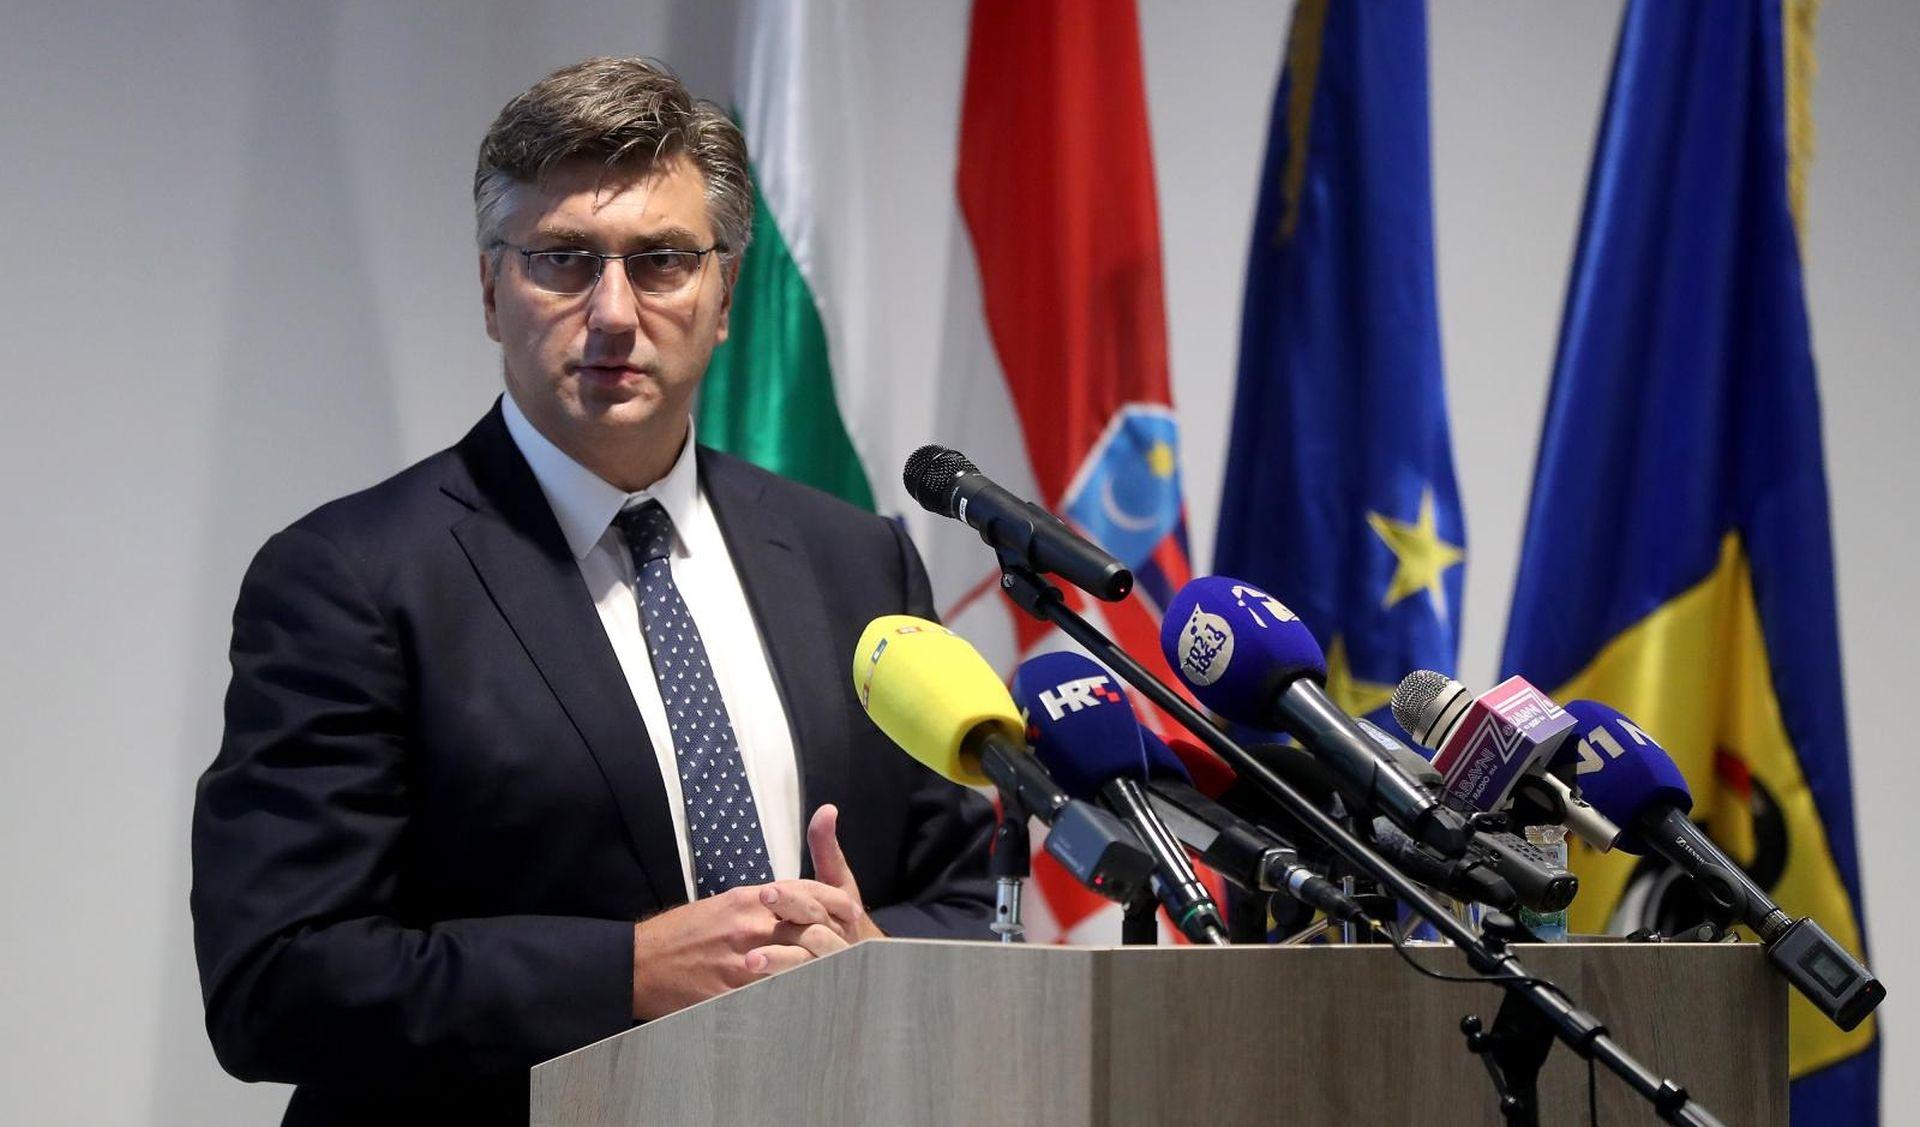 Sjednica Vlade u Puli, premijer dolazi u Uljanik